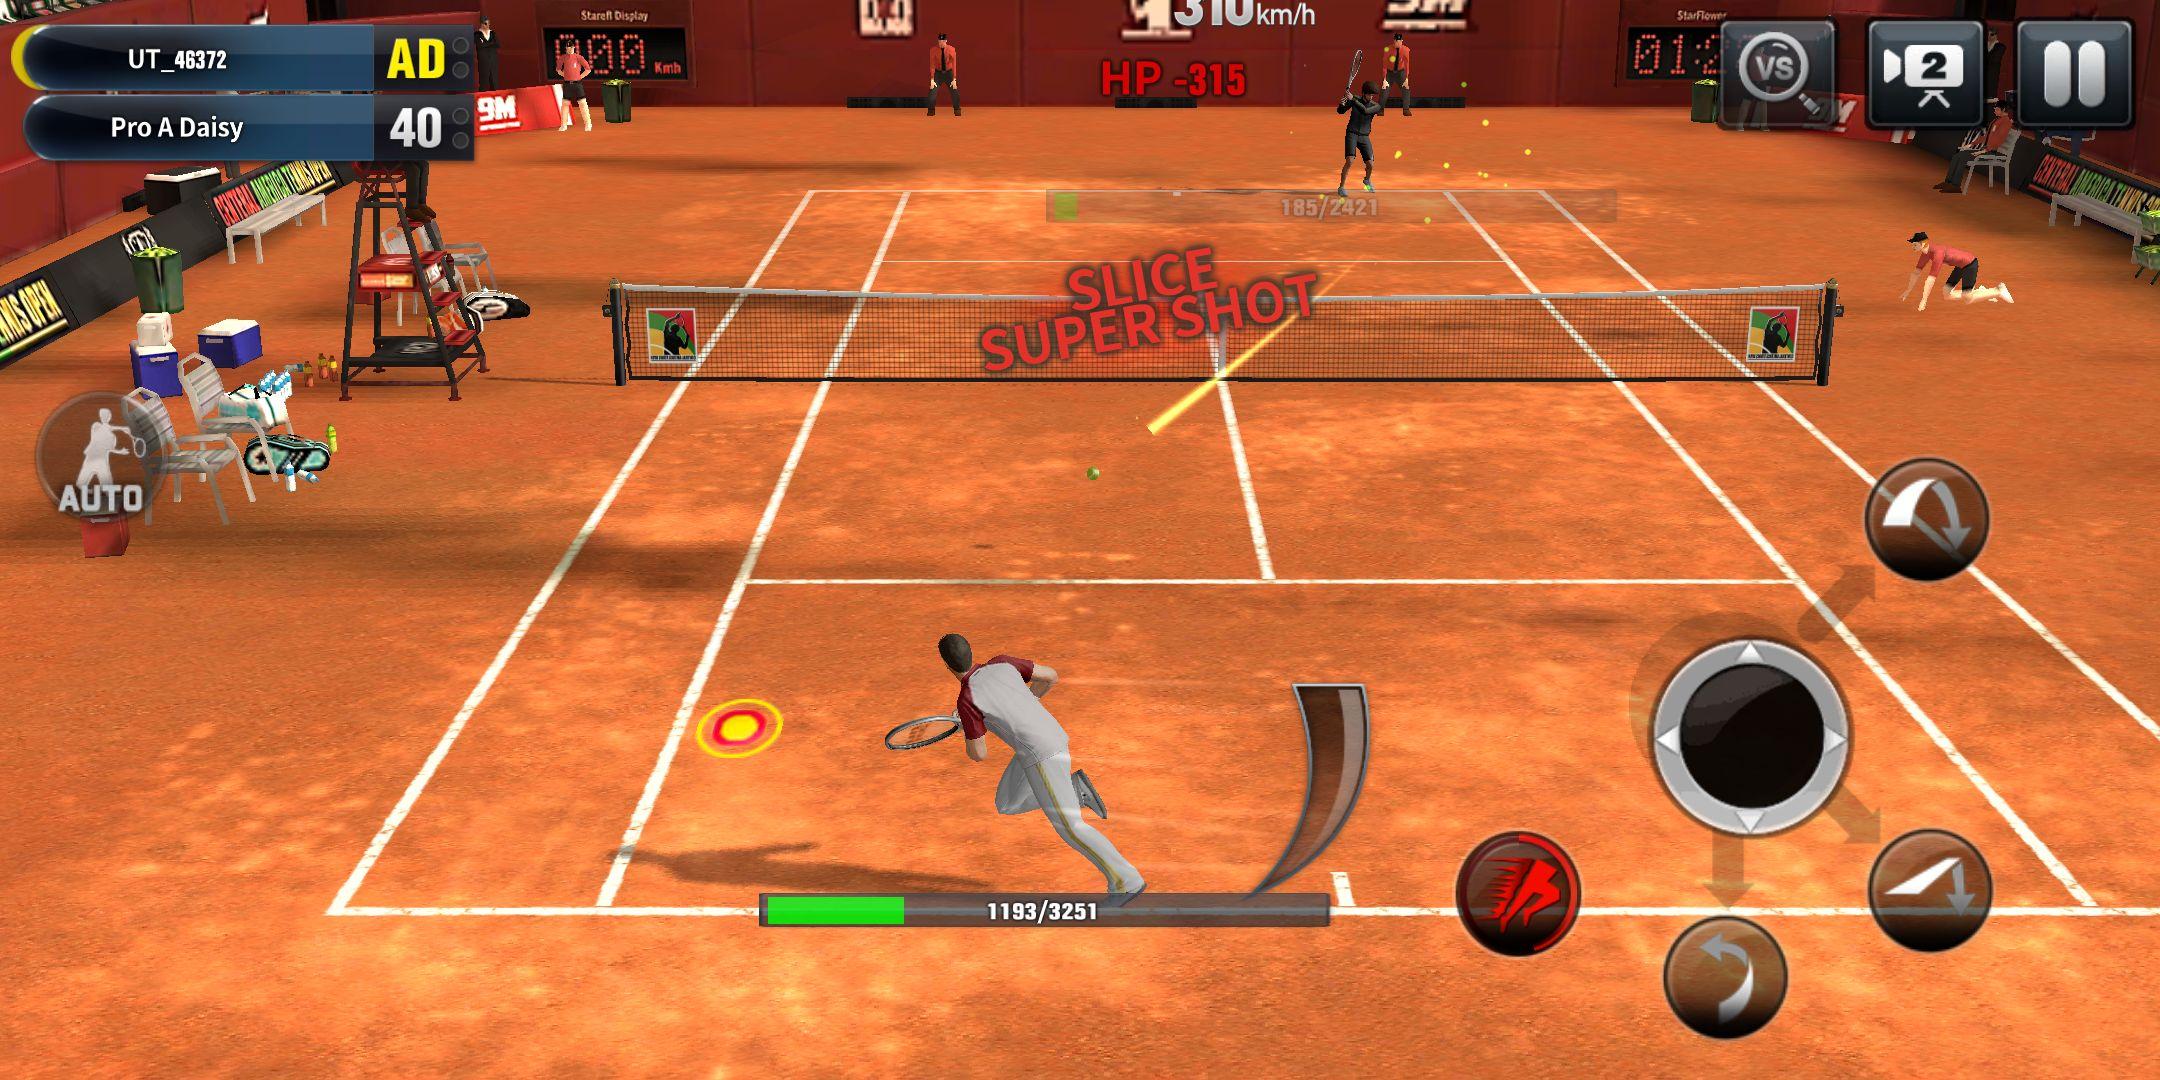 终极网球 游戏截图5